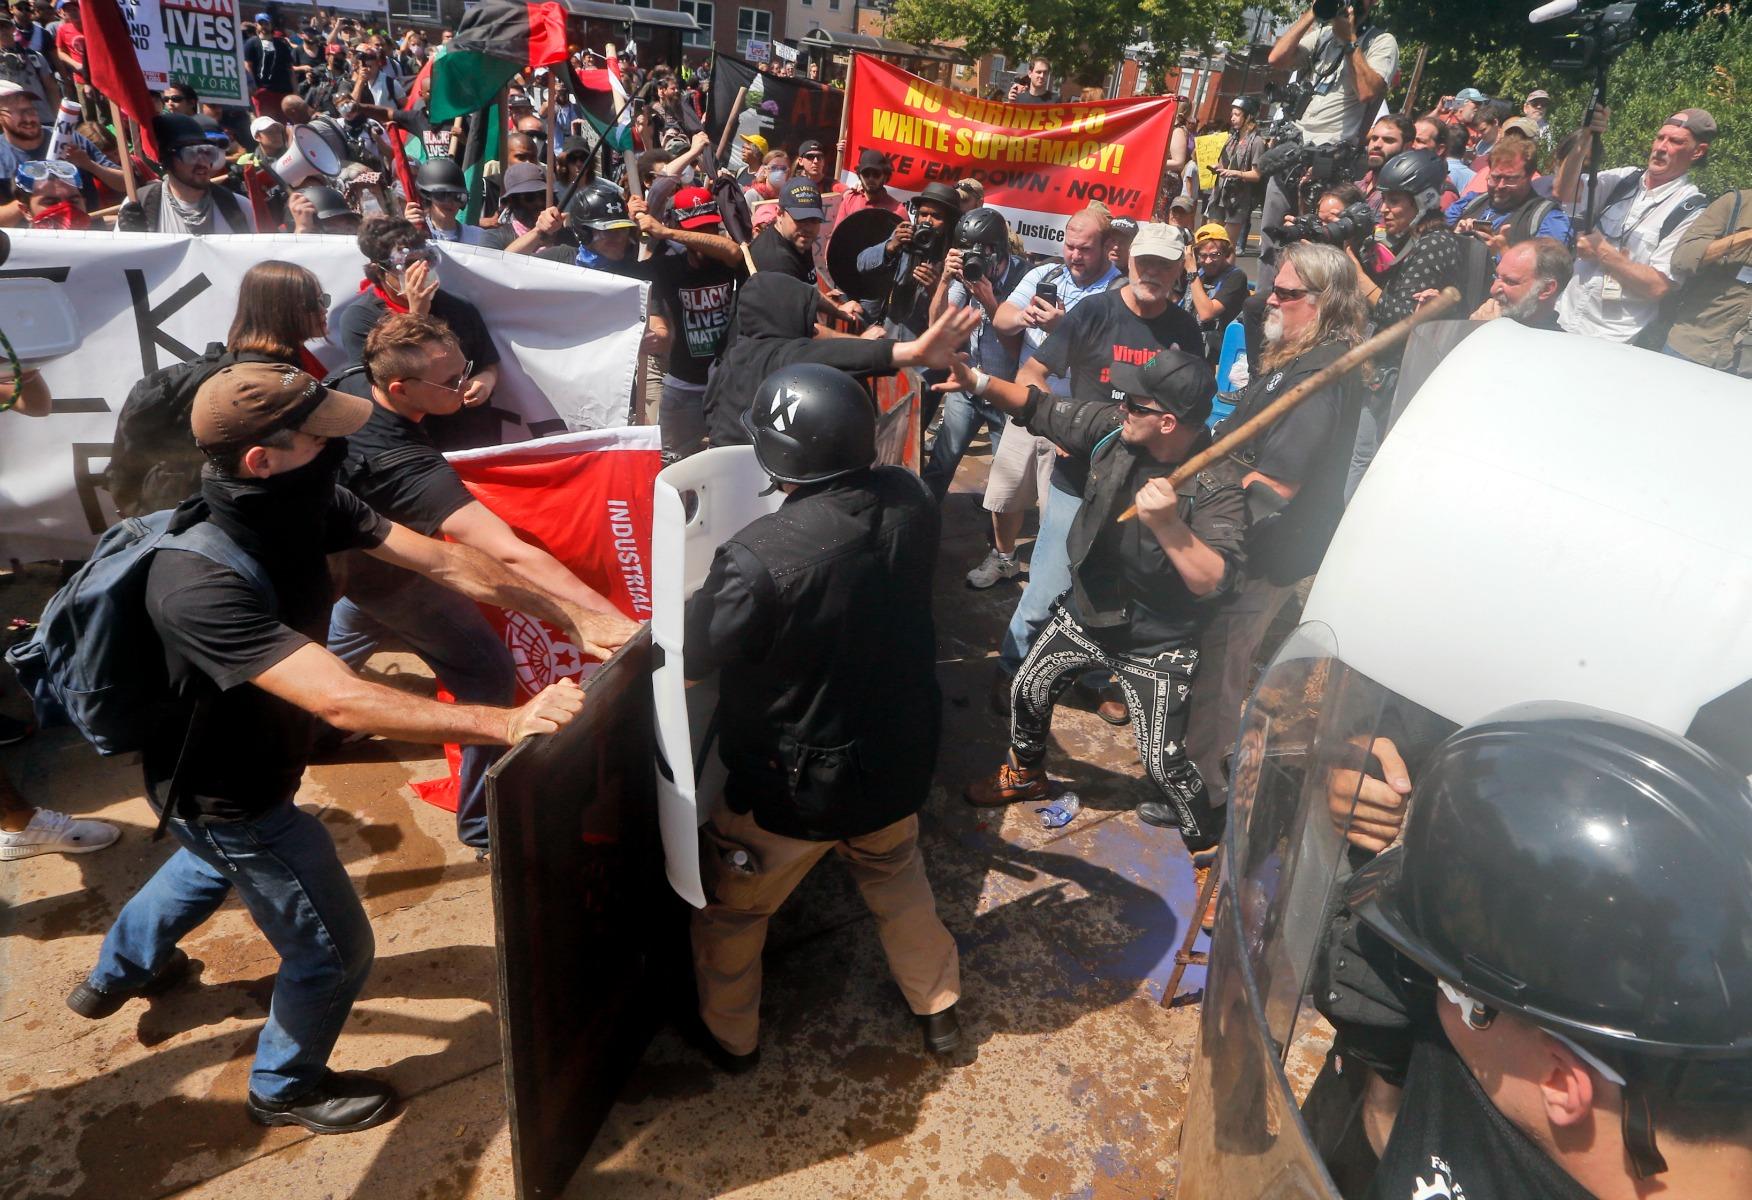 charlottesville, racisme, højreekstremister, white power, demonstration, protest